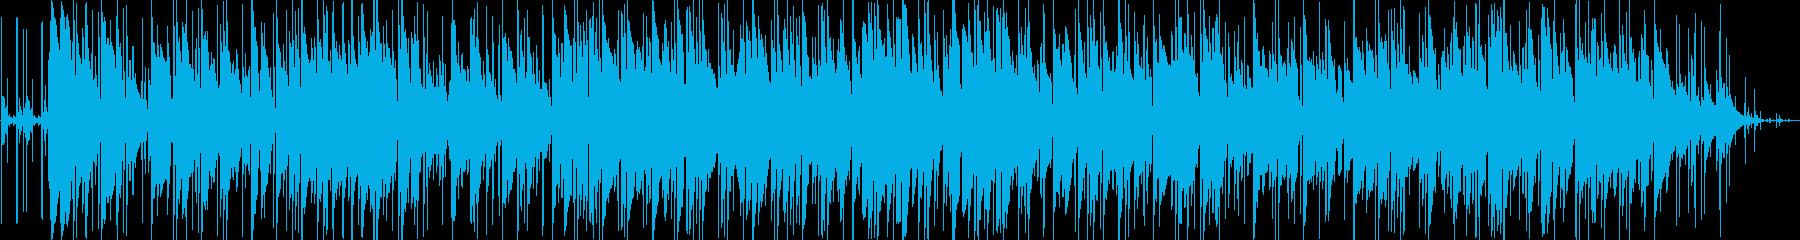 おしゃれなリラクゼーションミュージックの再生済みの波形